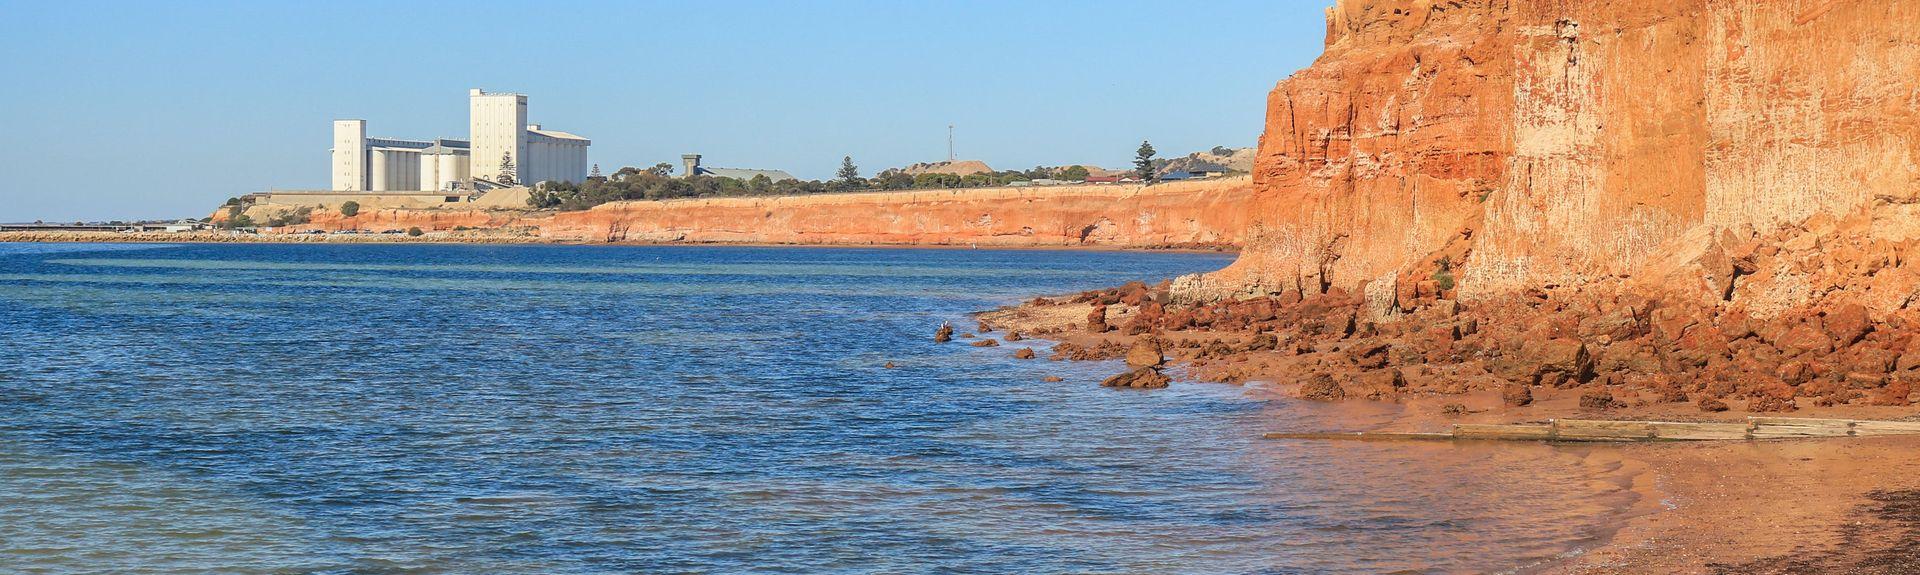 Ardrossan, South Australia, Australia